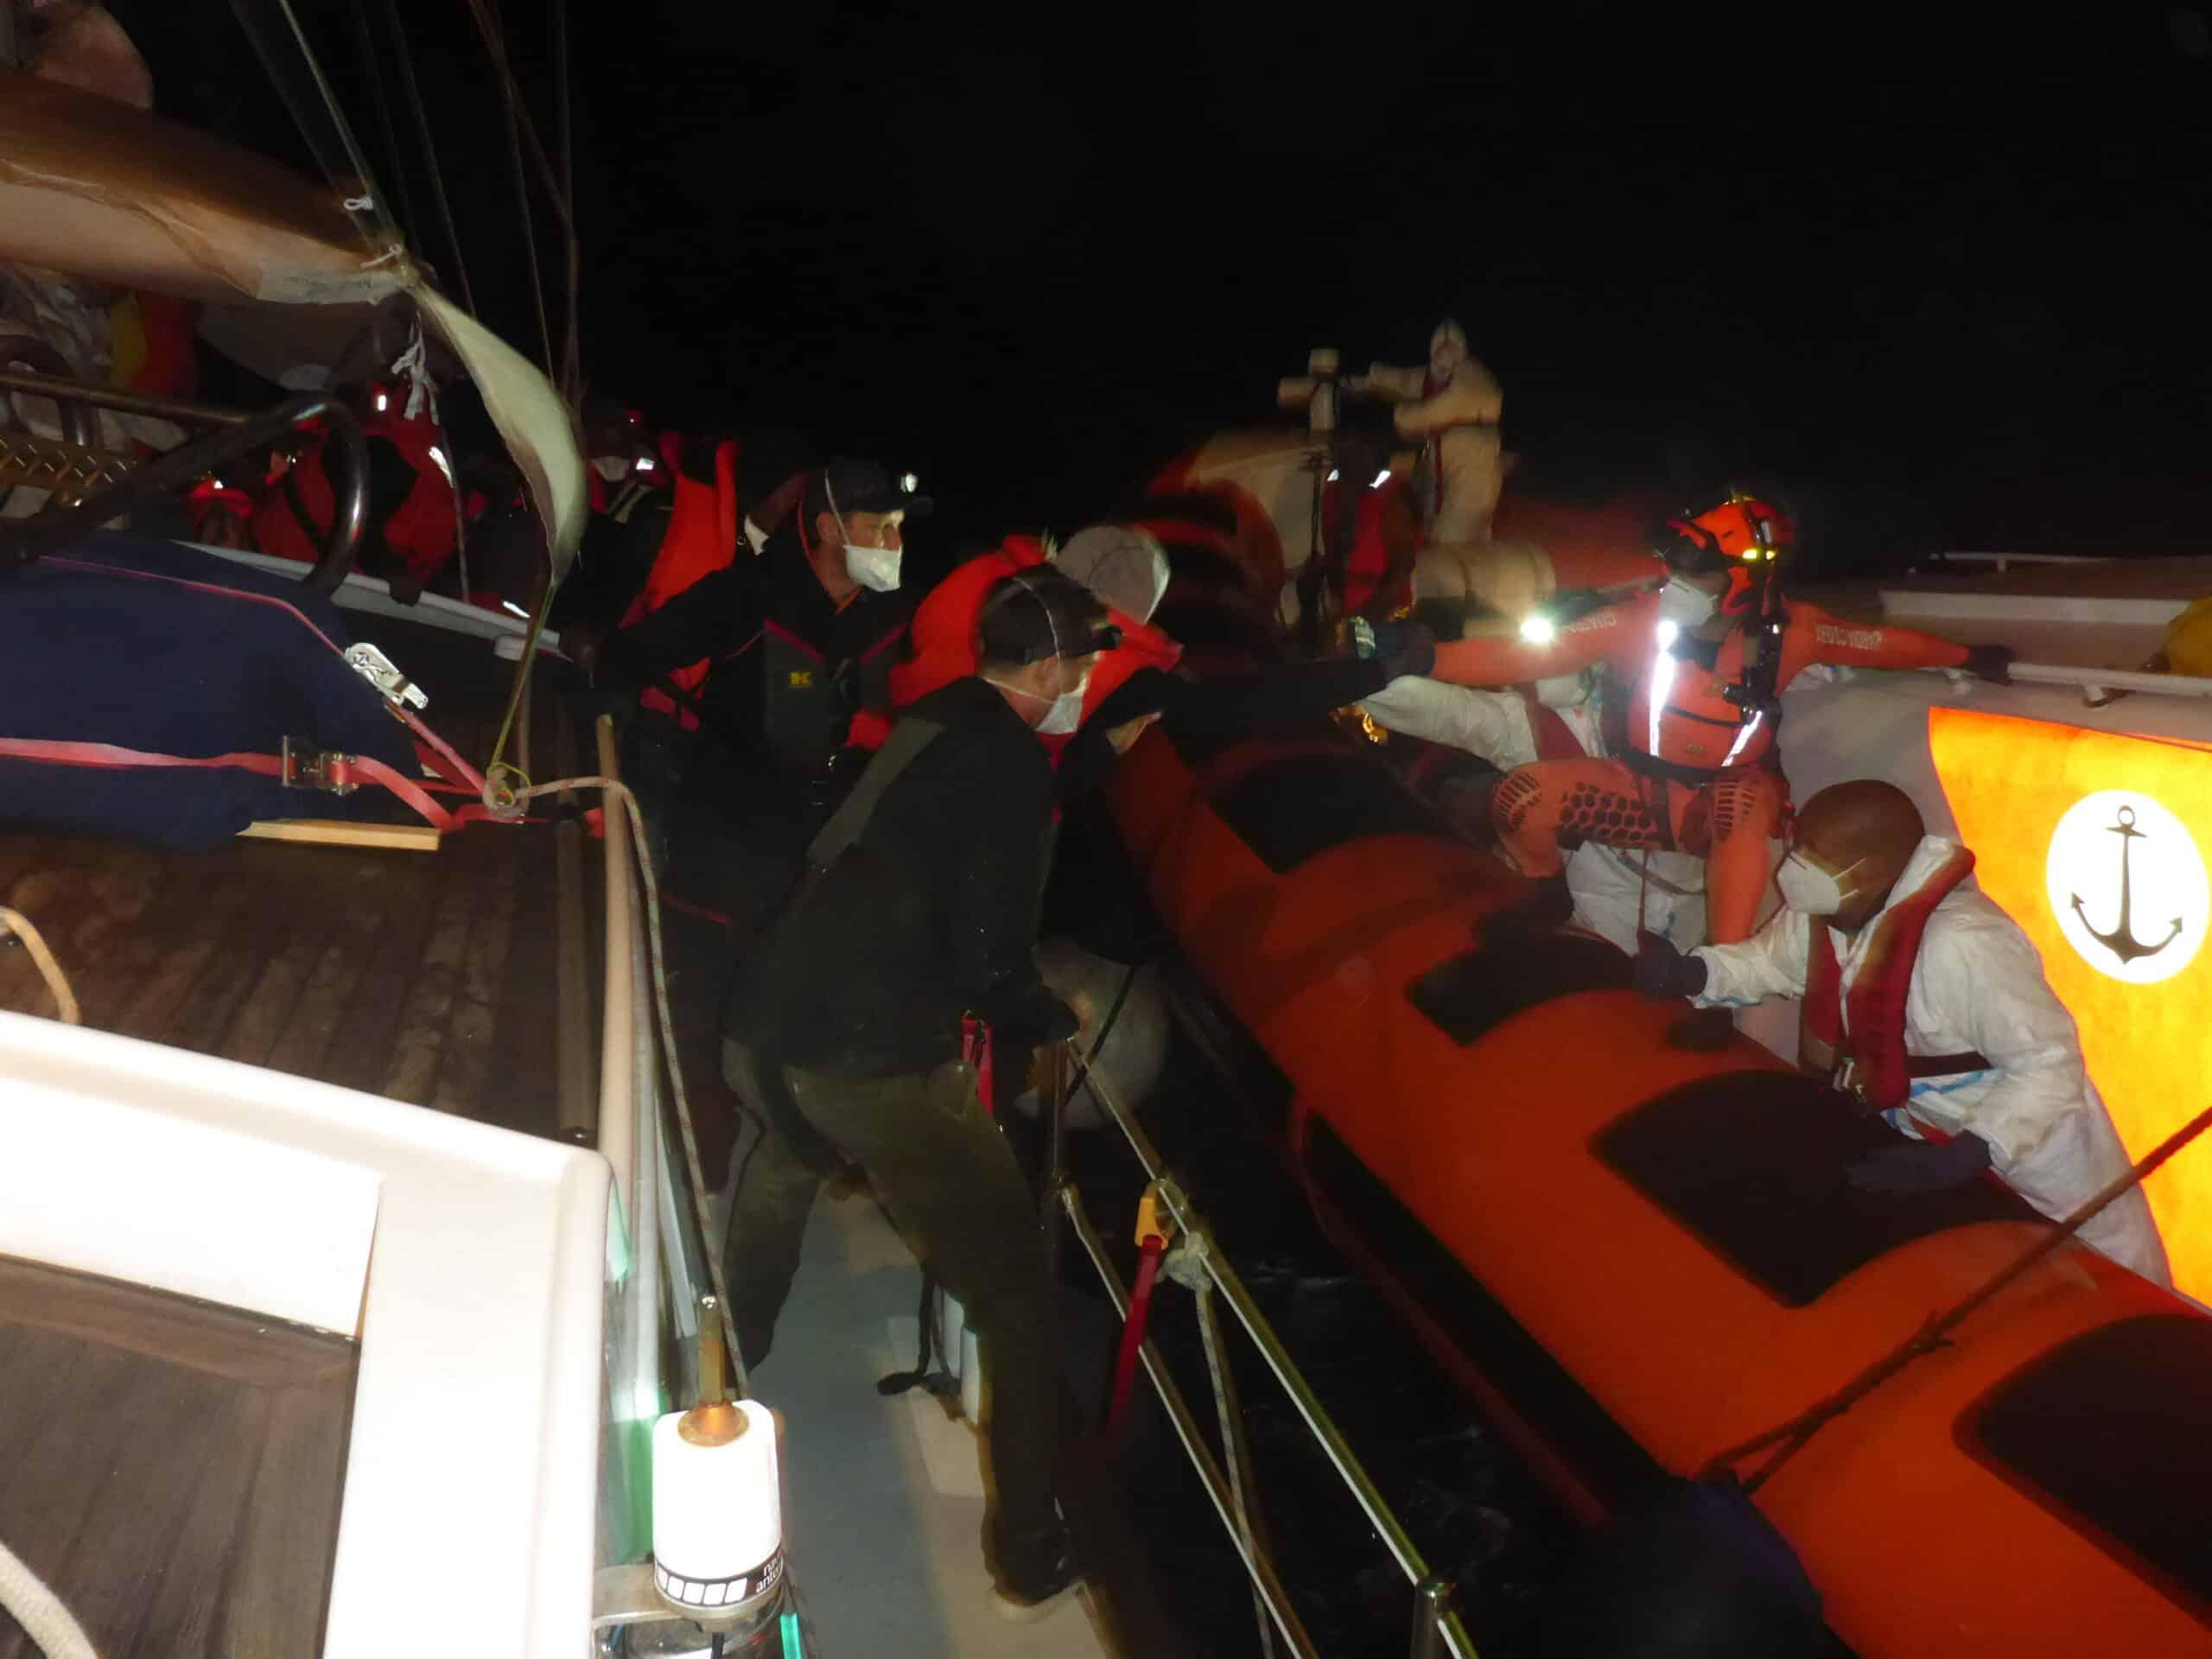 Übergabe an italienische Küstenwache